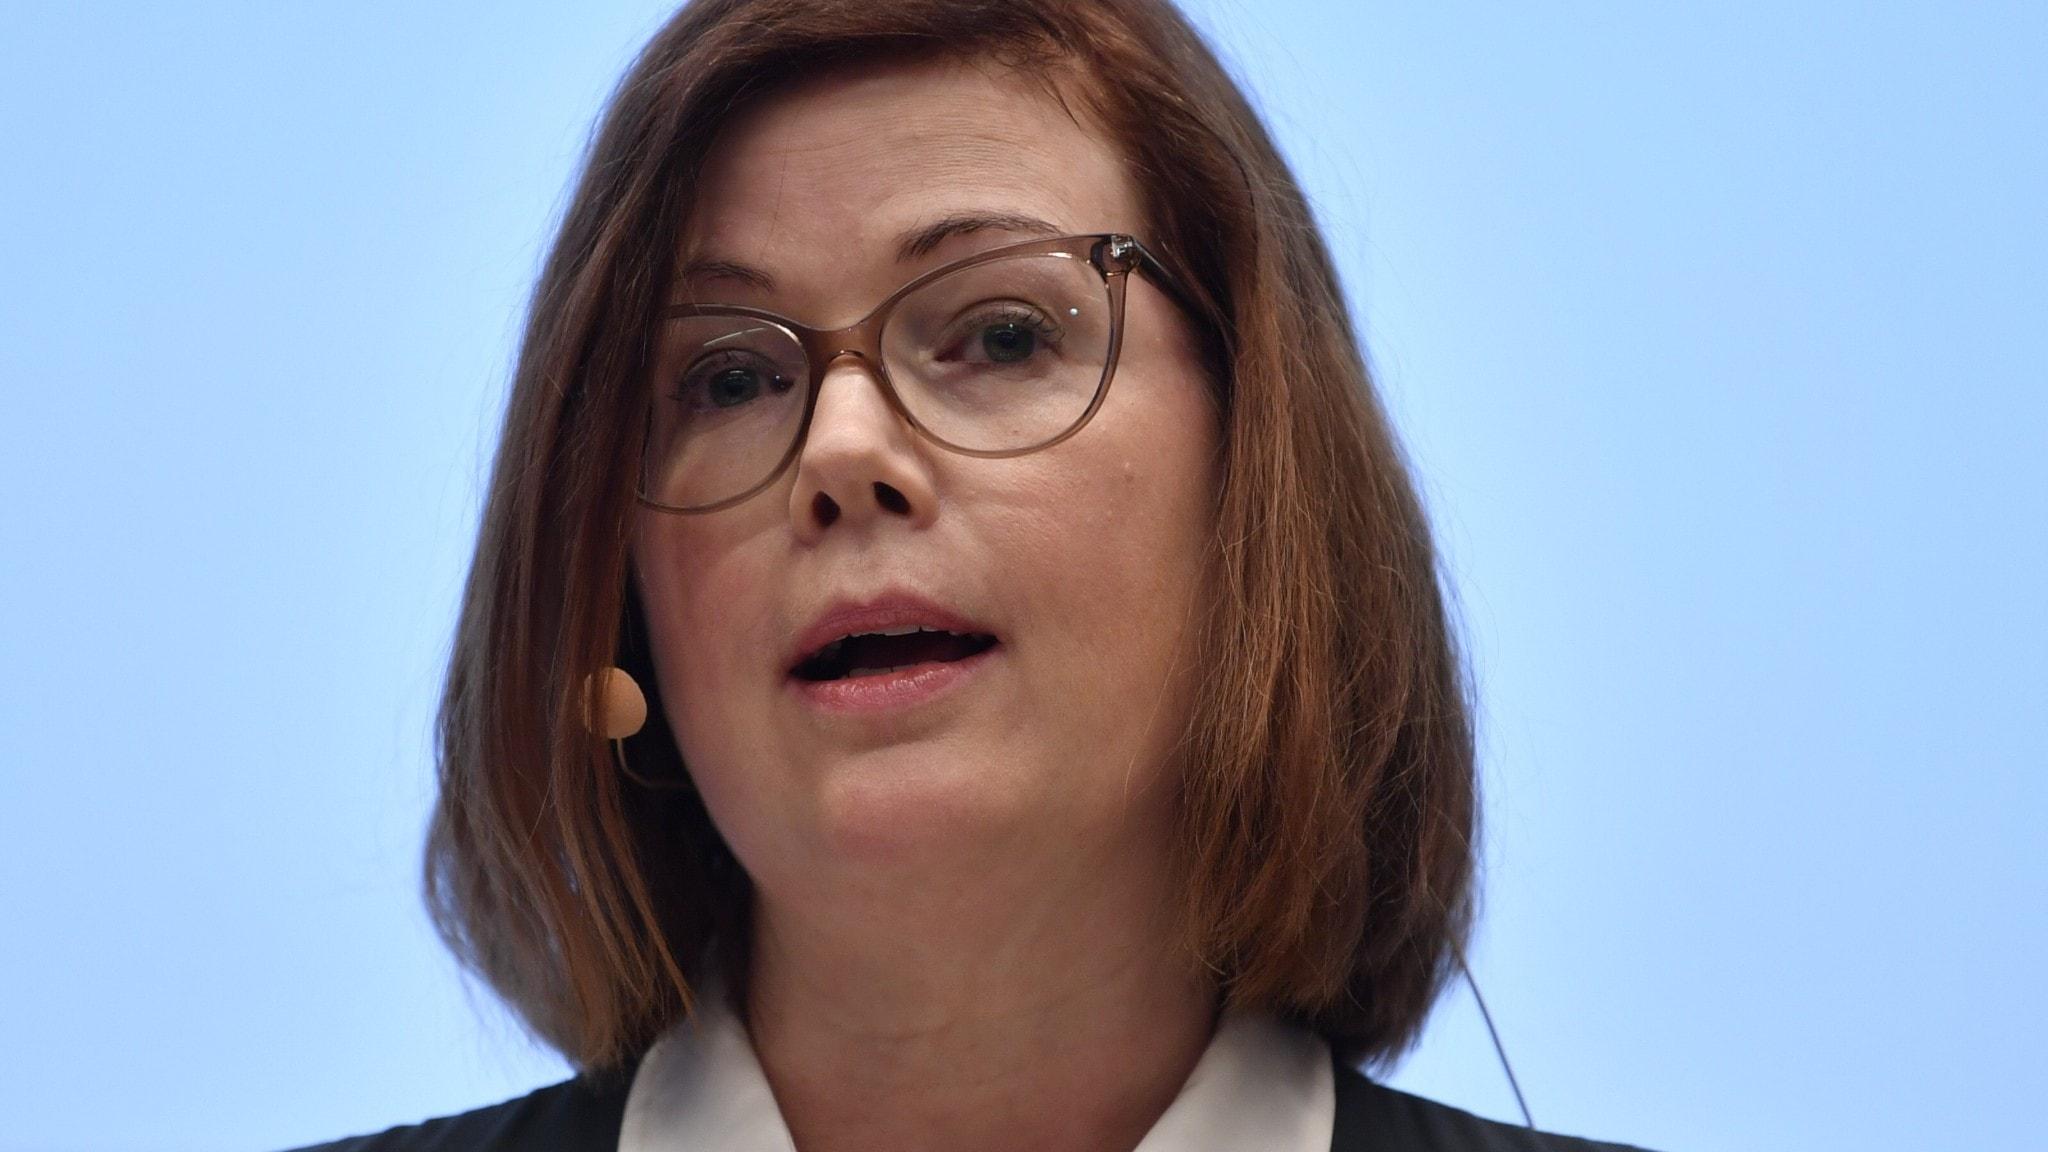 På bilden syns Anna Starbrink. Hon har glasögon och en pagefrisyr.